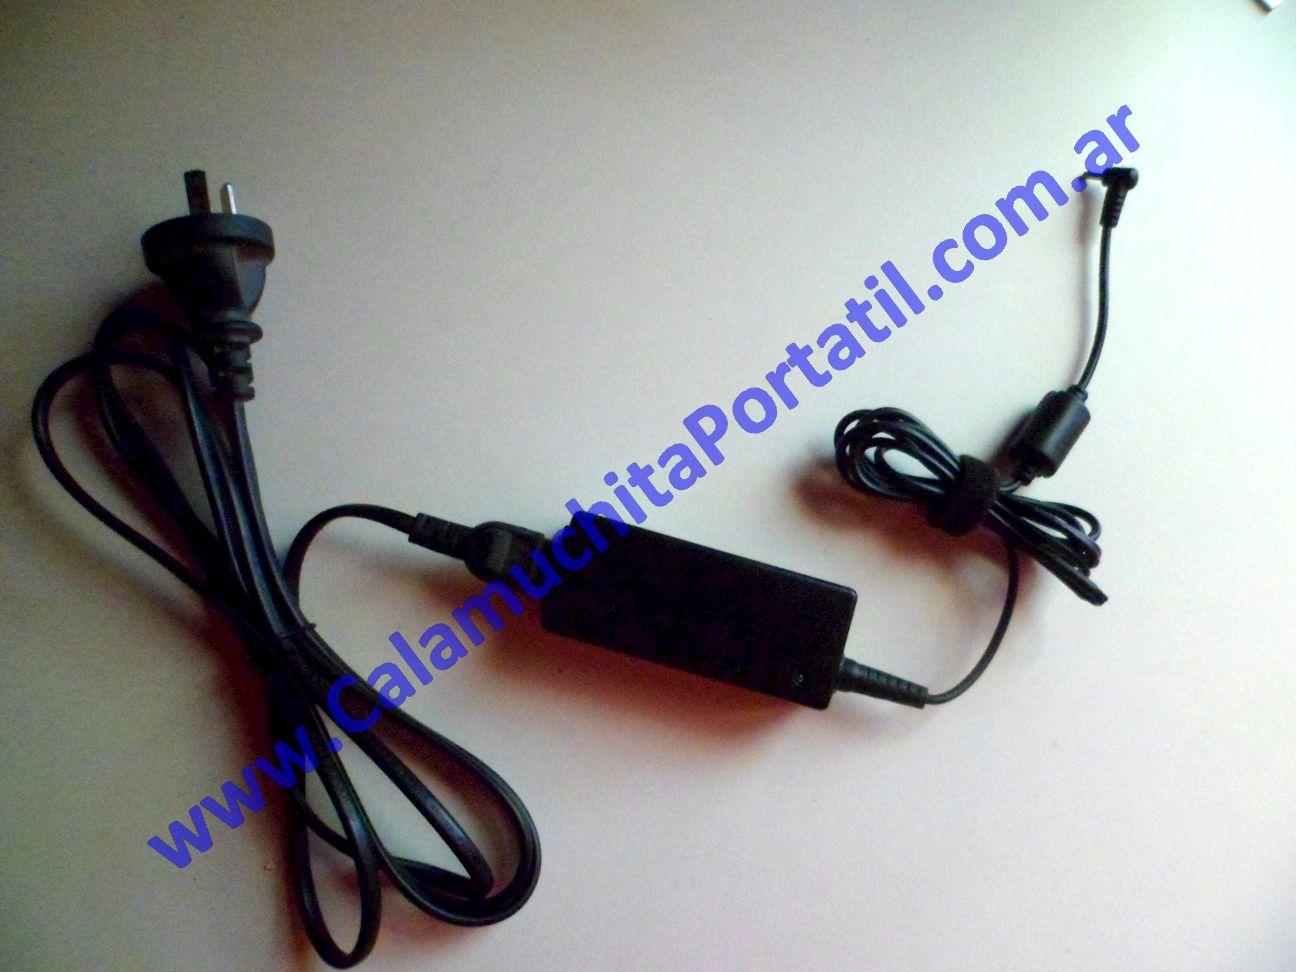 0027RCA Cargador Asus Eee PC 1201n